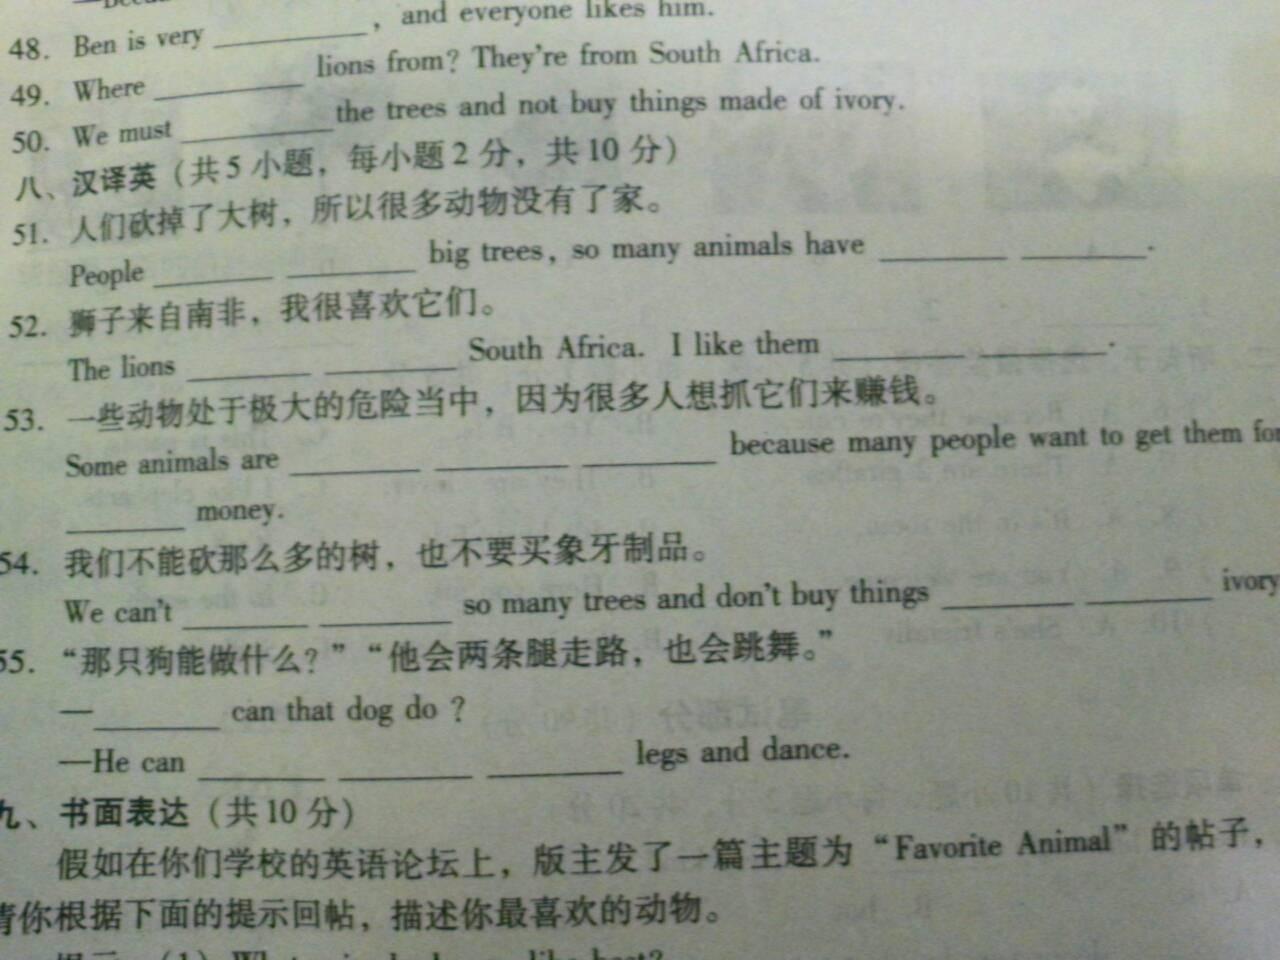 英语翻译题图片